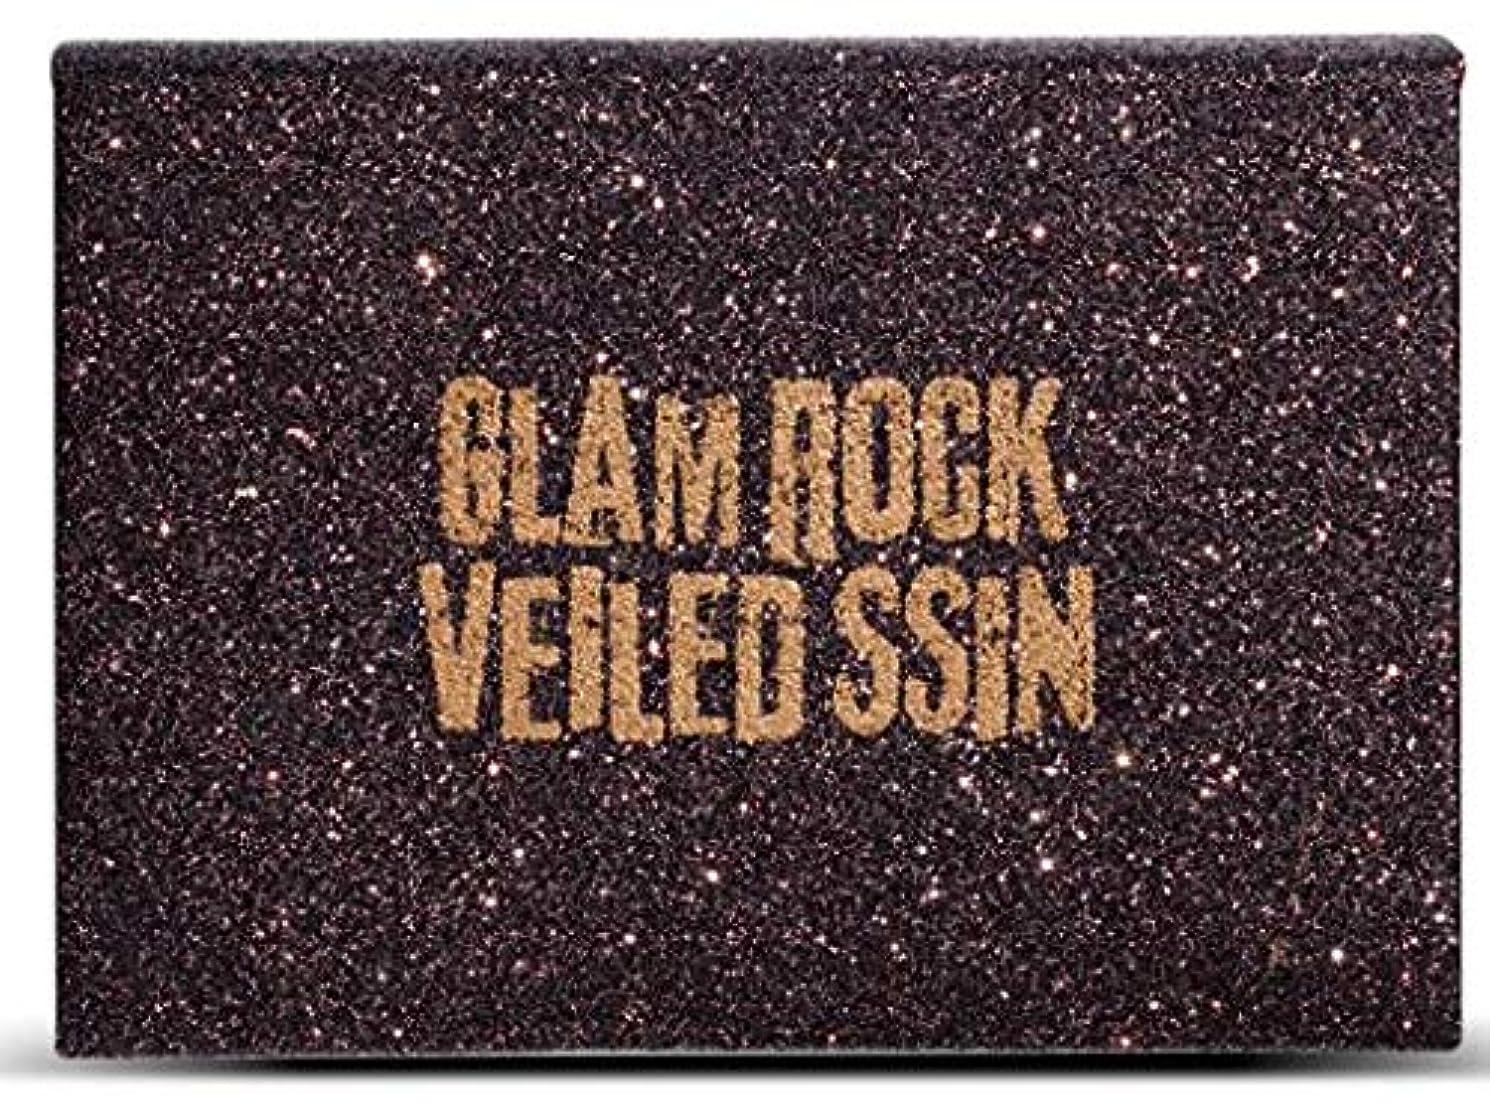 ゴミ箱を空にする保護上向きtoo cool for school GLAM ROCK VEILED SSIN #1 MYSTERIOUS [並行輸入品]